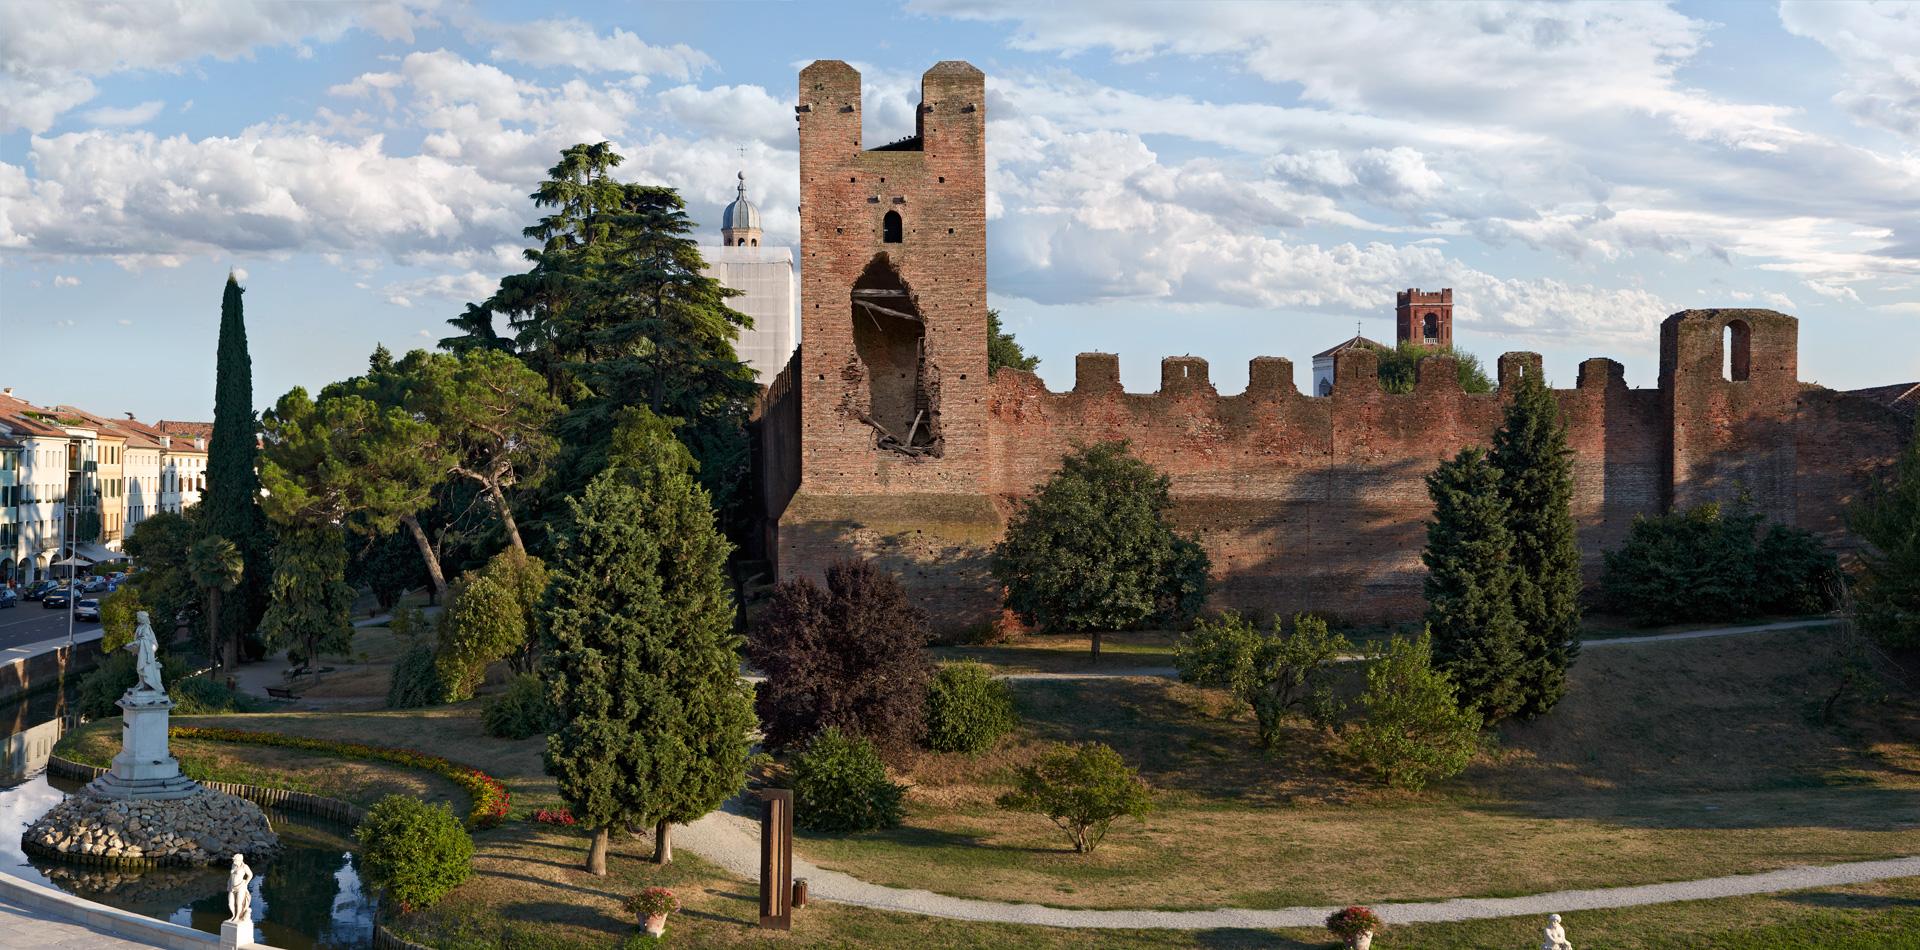 castelfranco-veneto